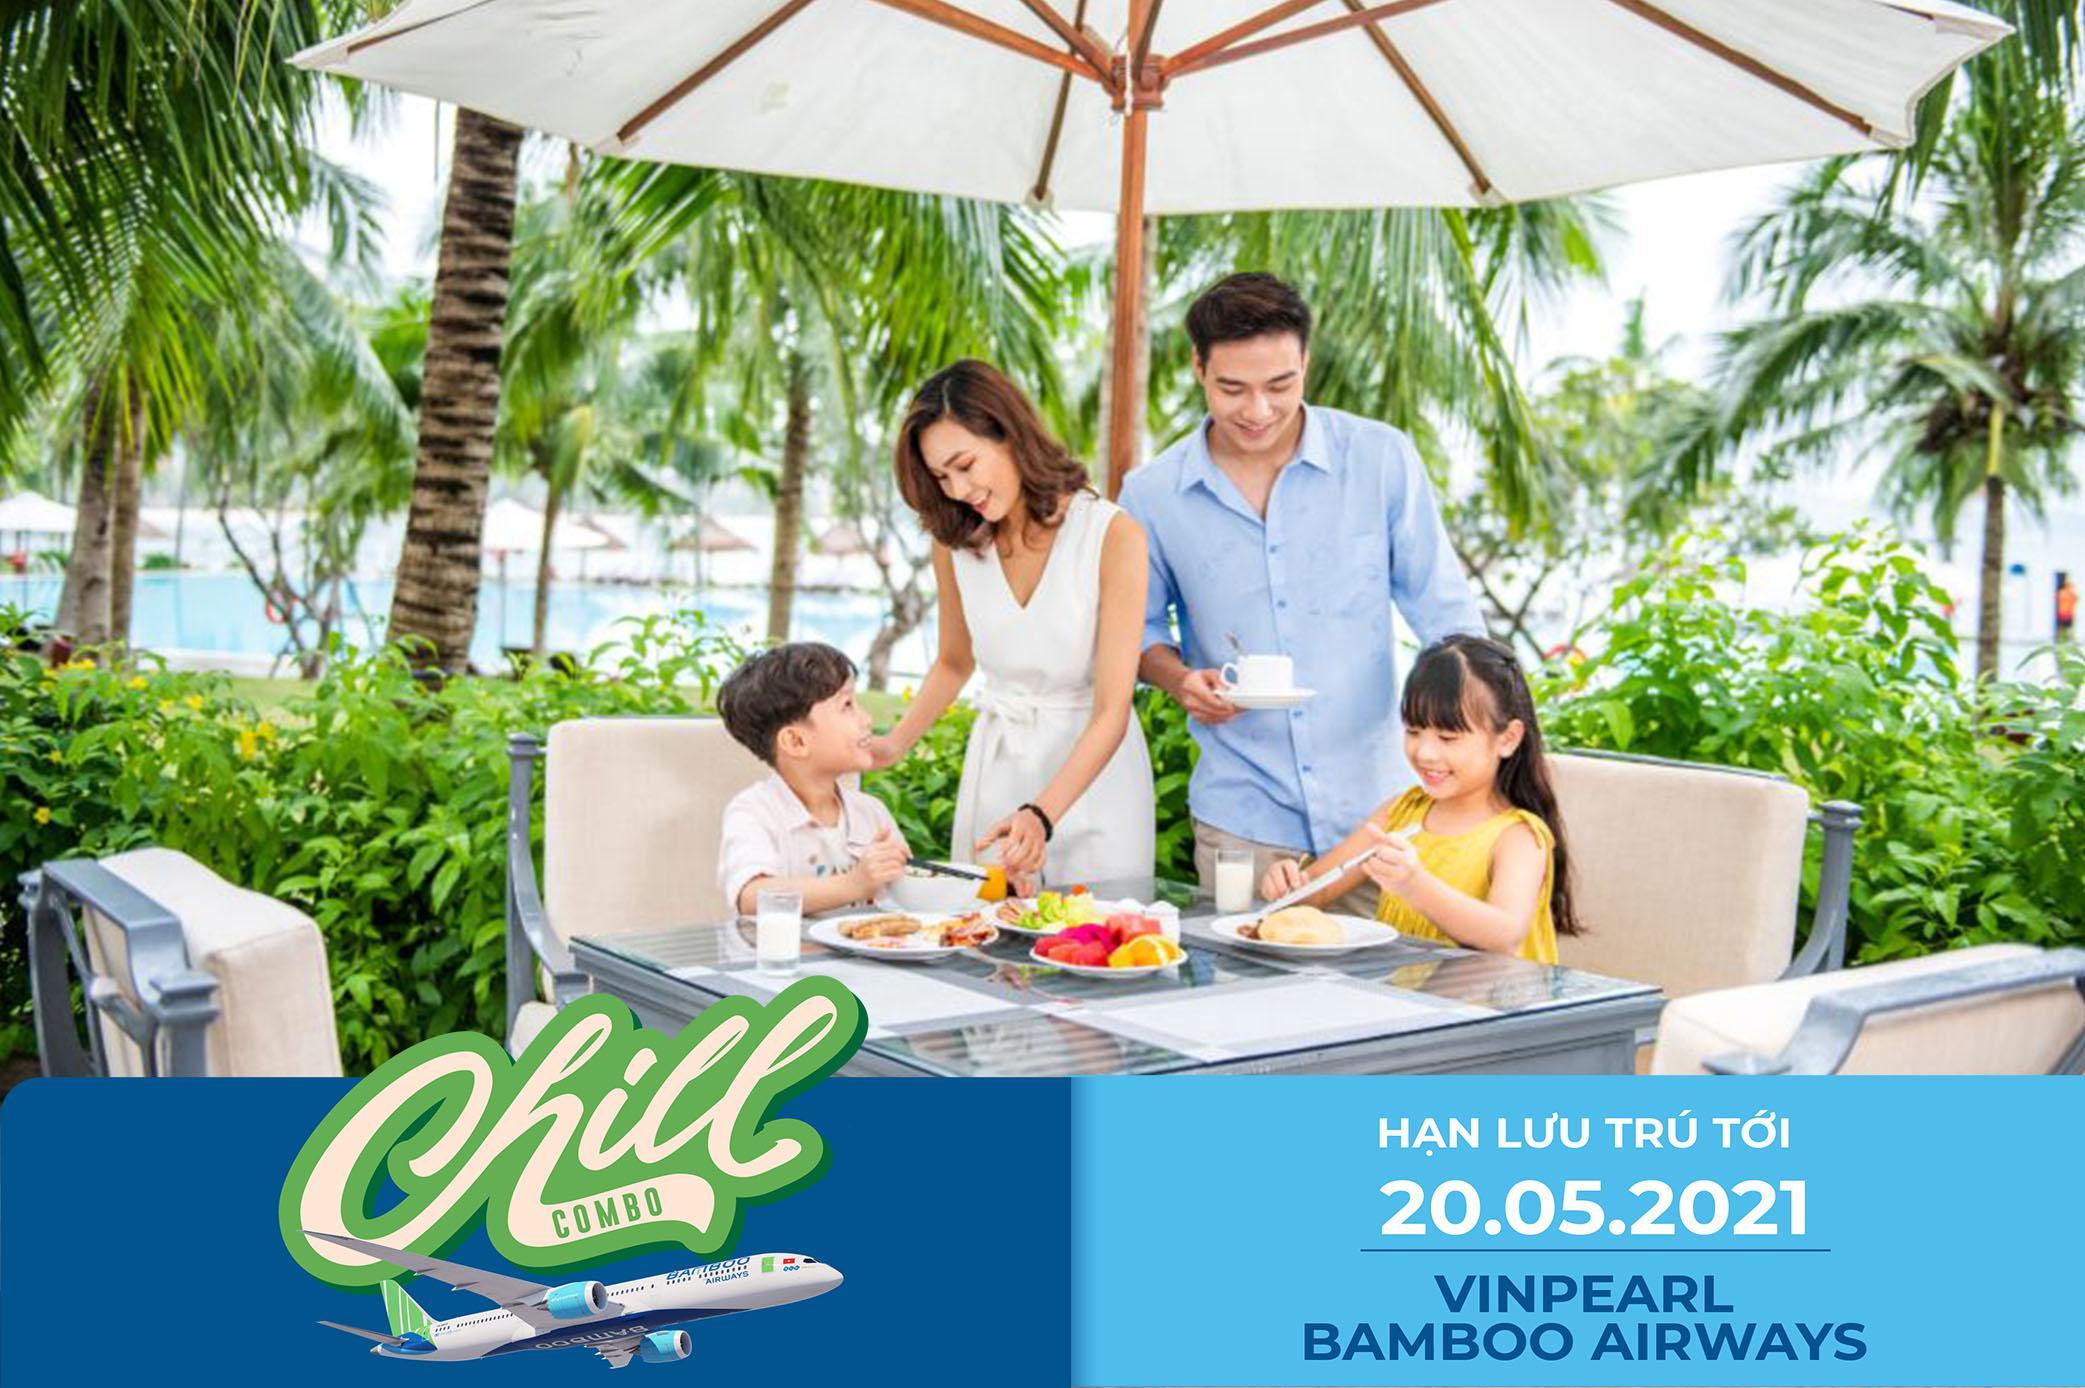 [HCM-Đà Nẵng/Hội An] CHILL COMBO 3N2Đ Phòng/ Villa Vinpearl + VMB Bamboo Airways + 03 bữa ăn mỗi ngày + 6 bữa buffet